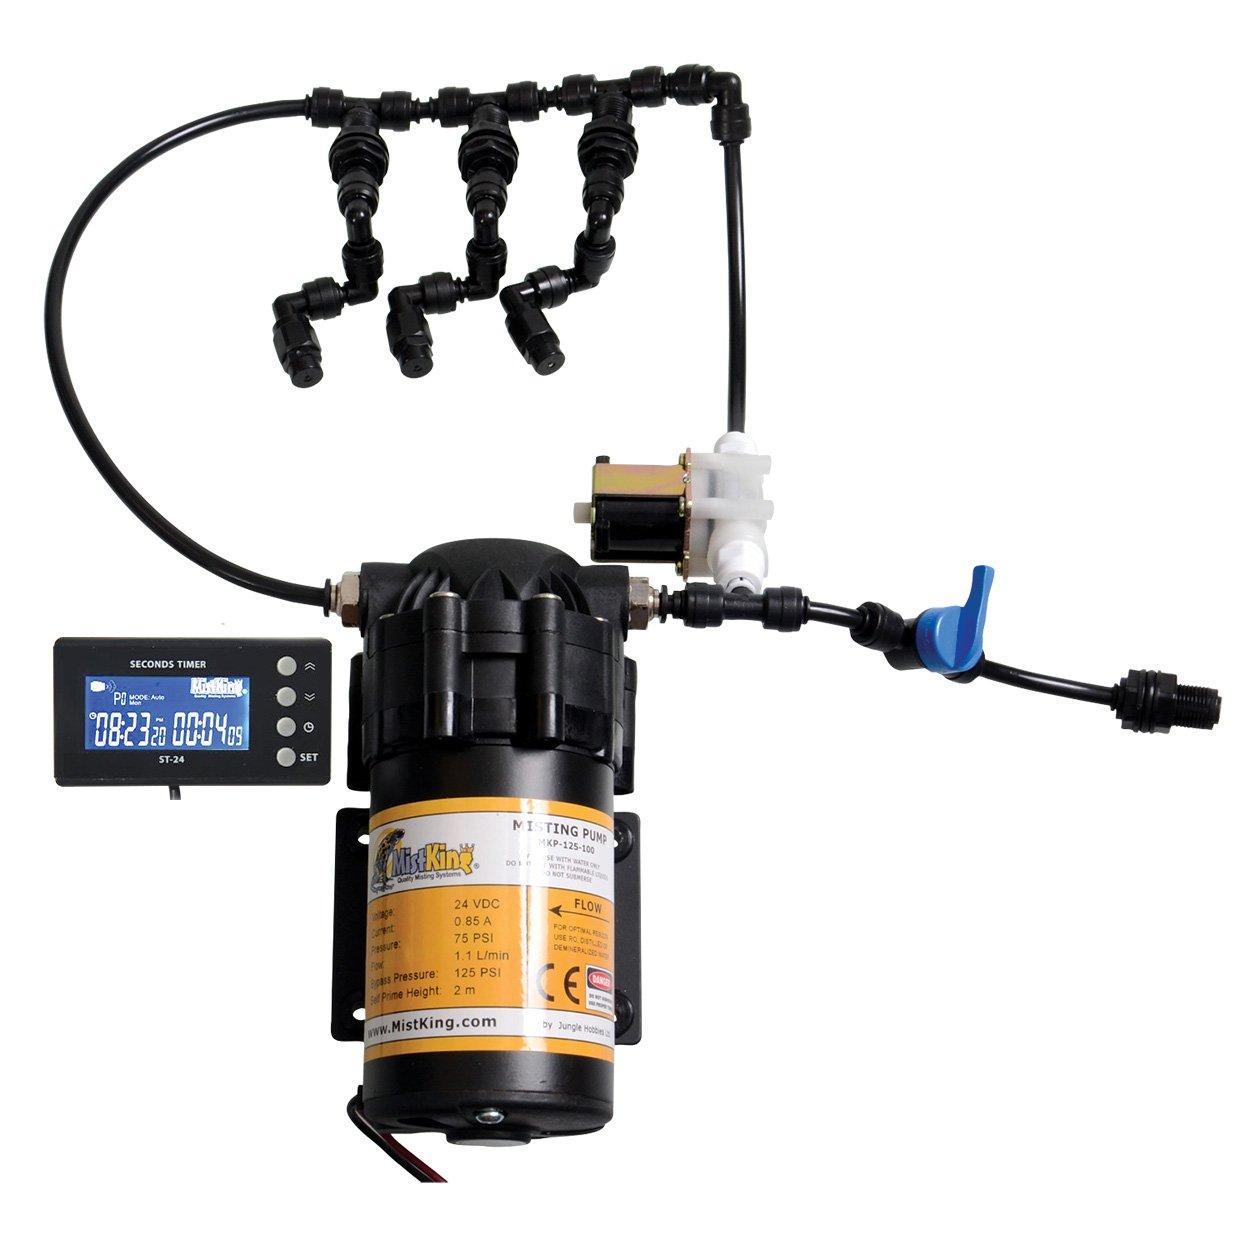 MistKing 22252 Ultimate Value Misting System V4.0